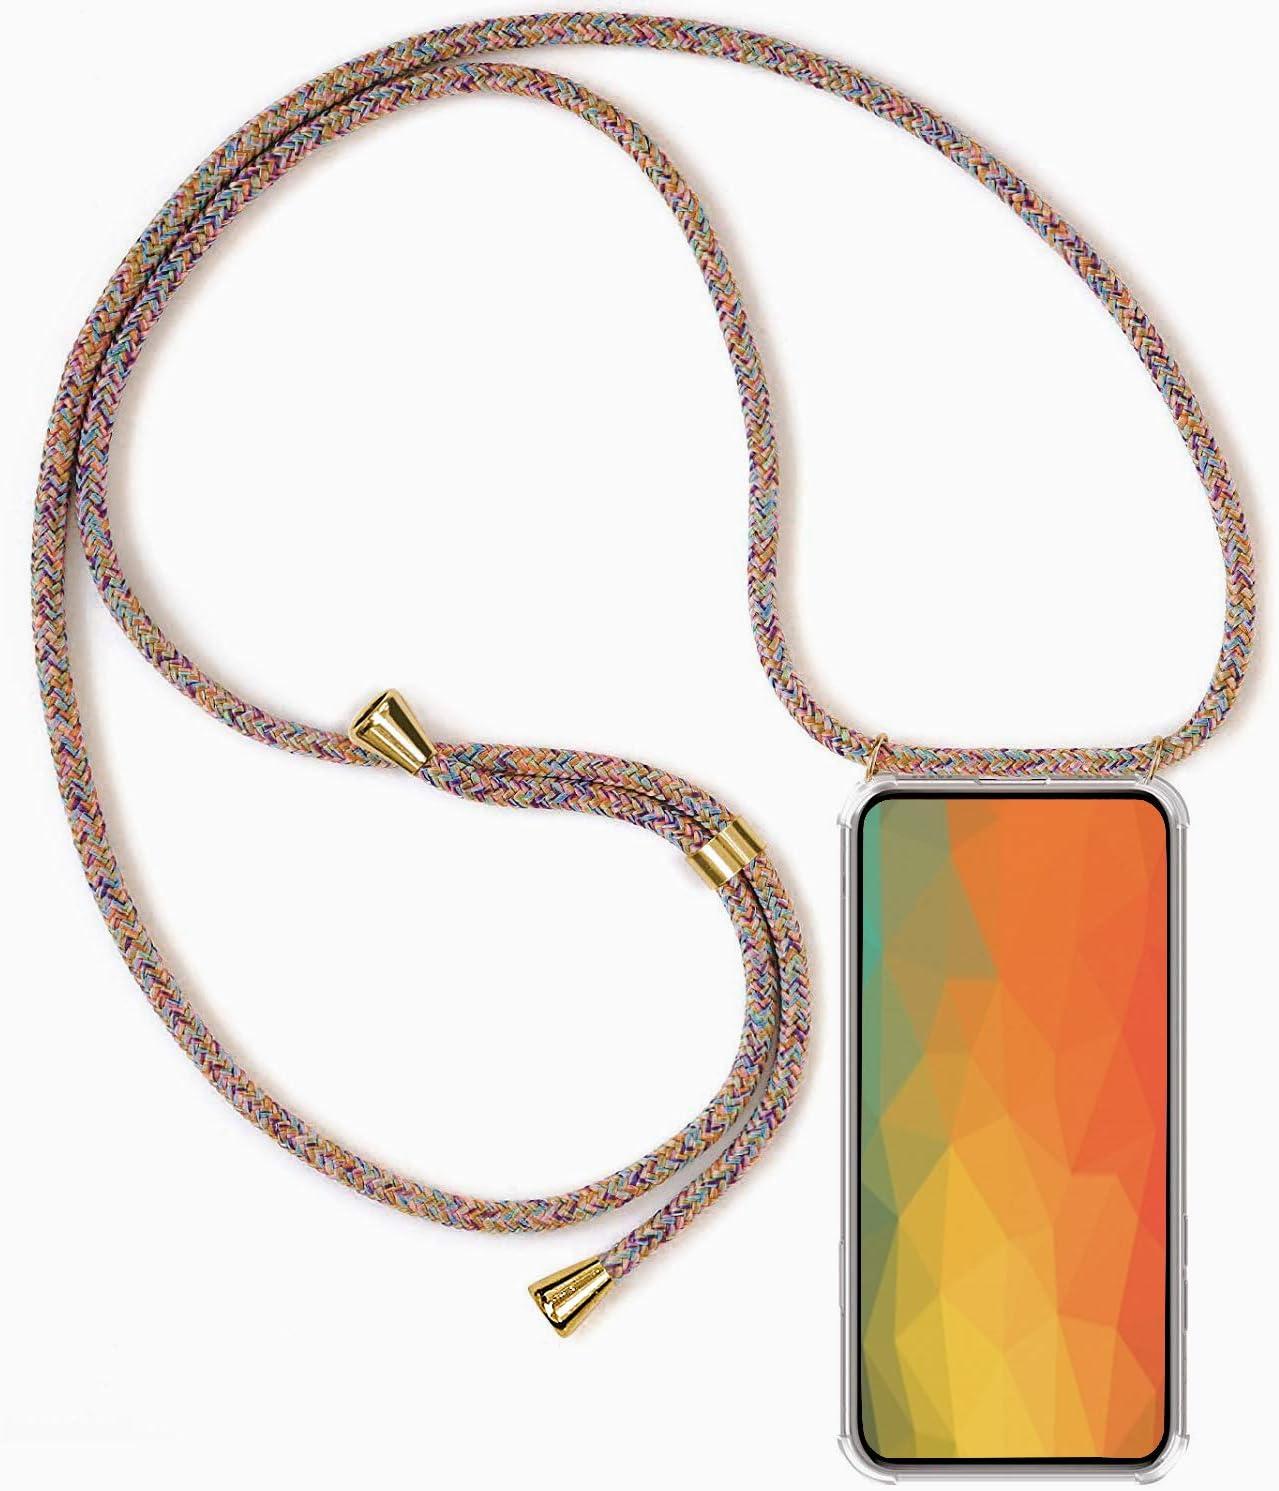 Funda para iPhone 12 Pro MAX con Cuerda, iPhone 12 Pro MAX Carcasa Transparente TPU Suave Silicona Case con Correa Colgante Ajustable Collar Correa de ...